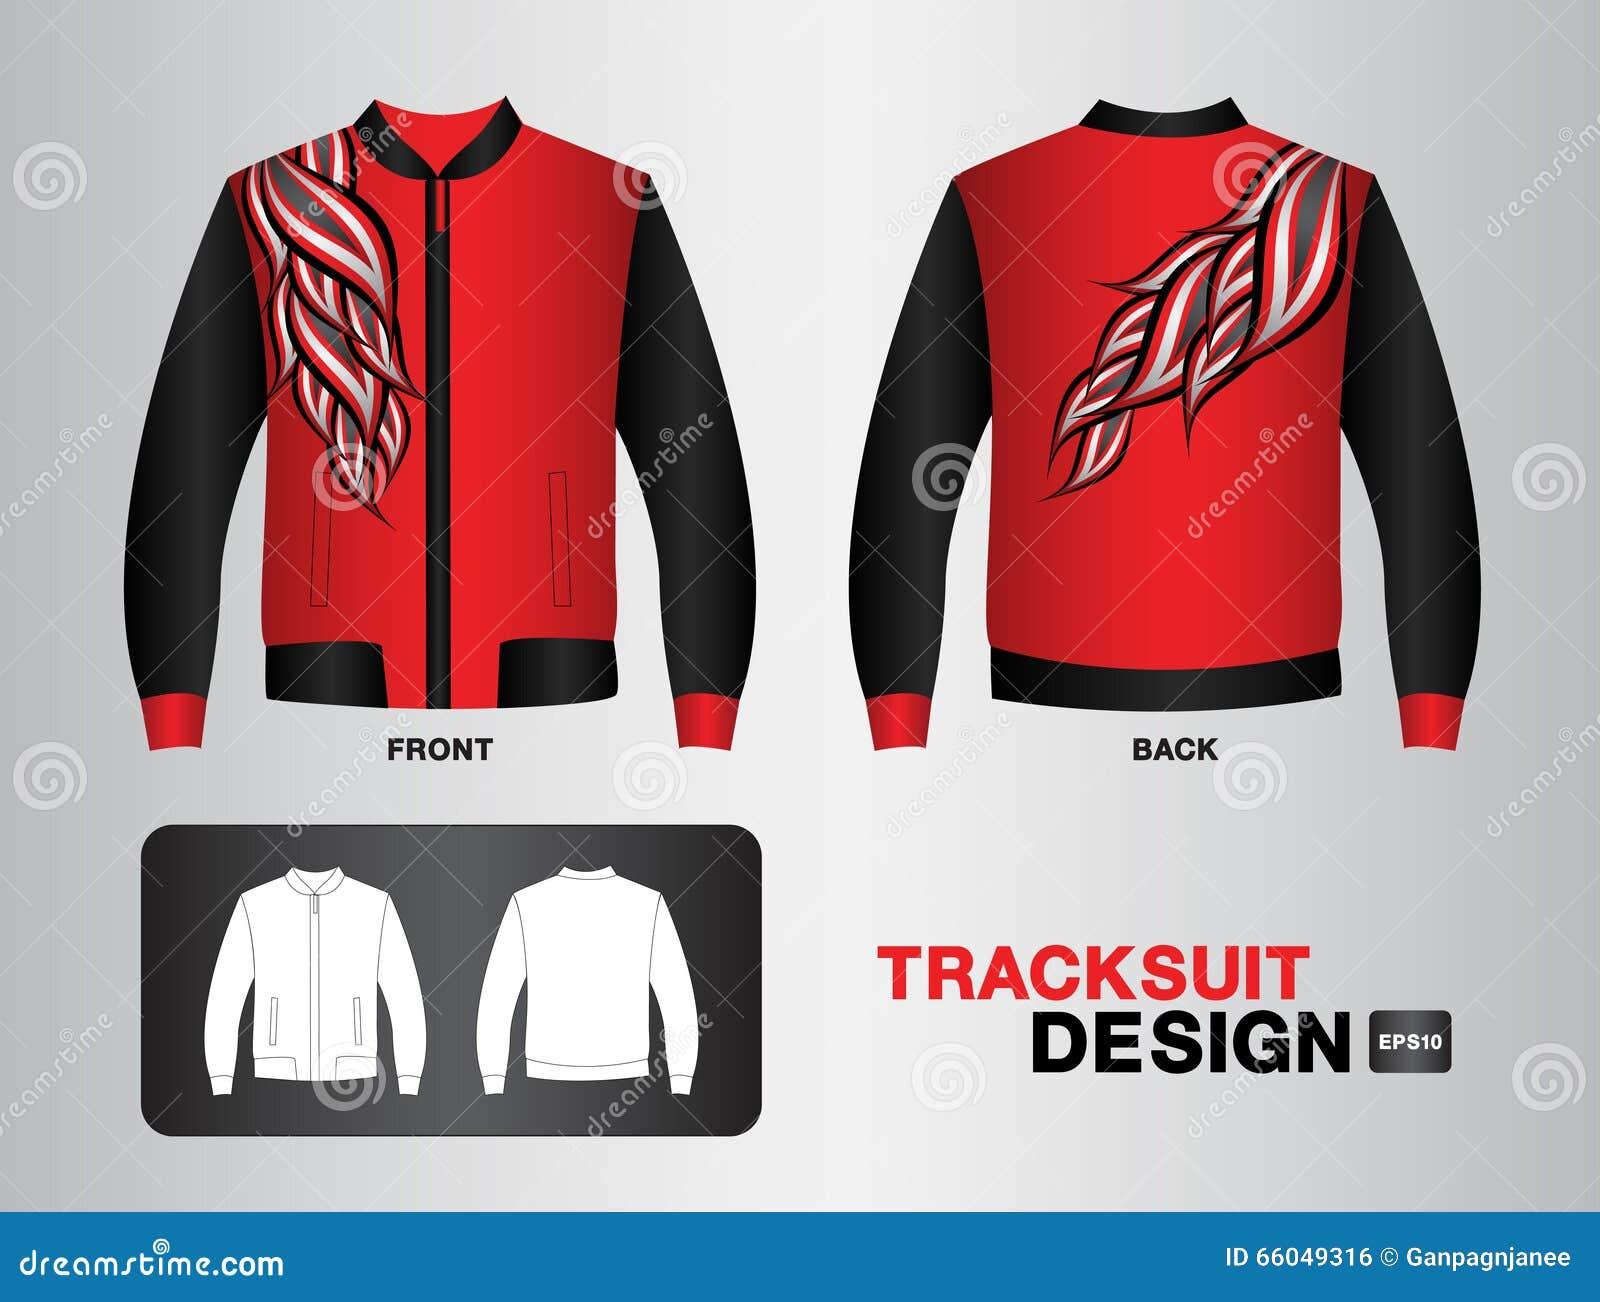 Shirt jacket design - Red Tracksuit Design Jacket Vector Illustration Sport T Shirt Uniform Design